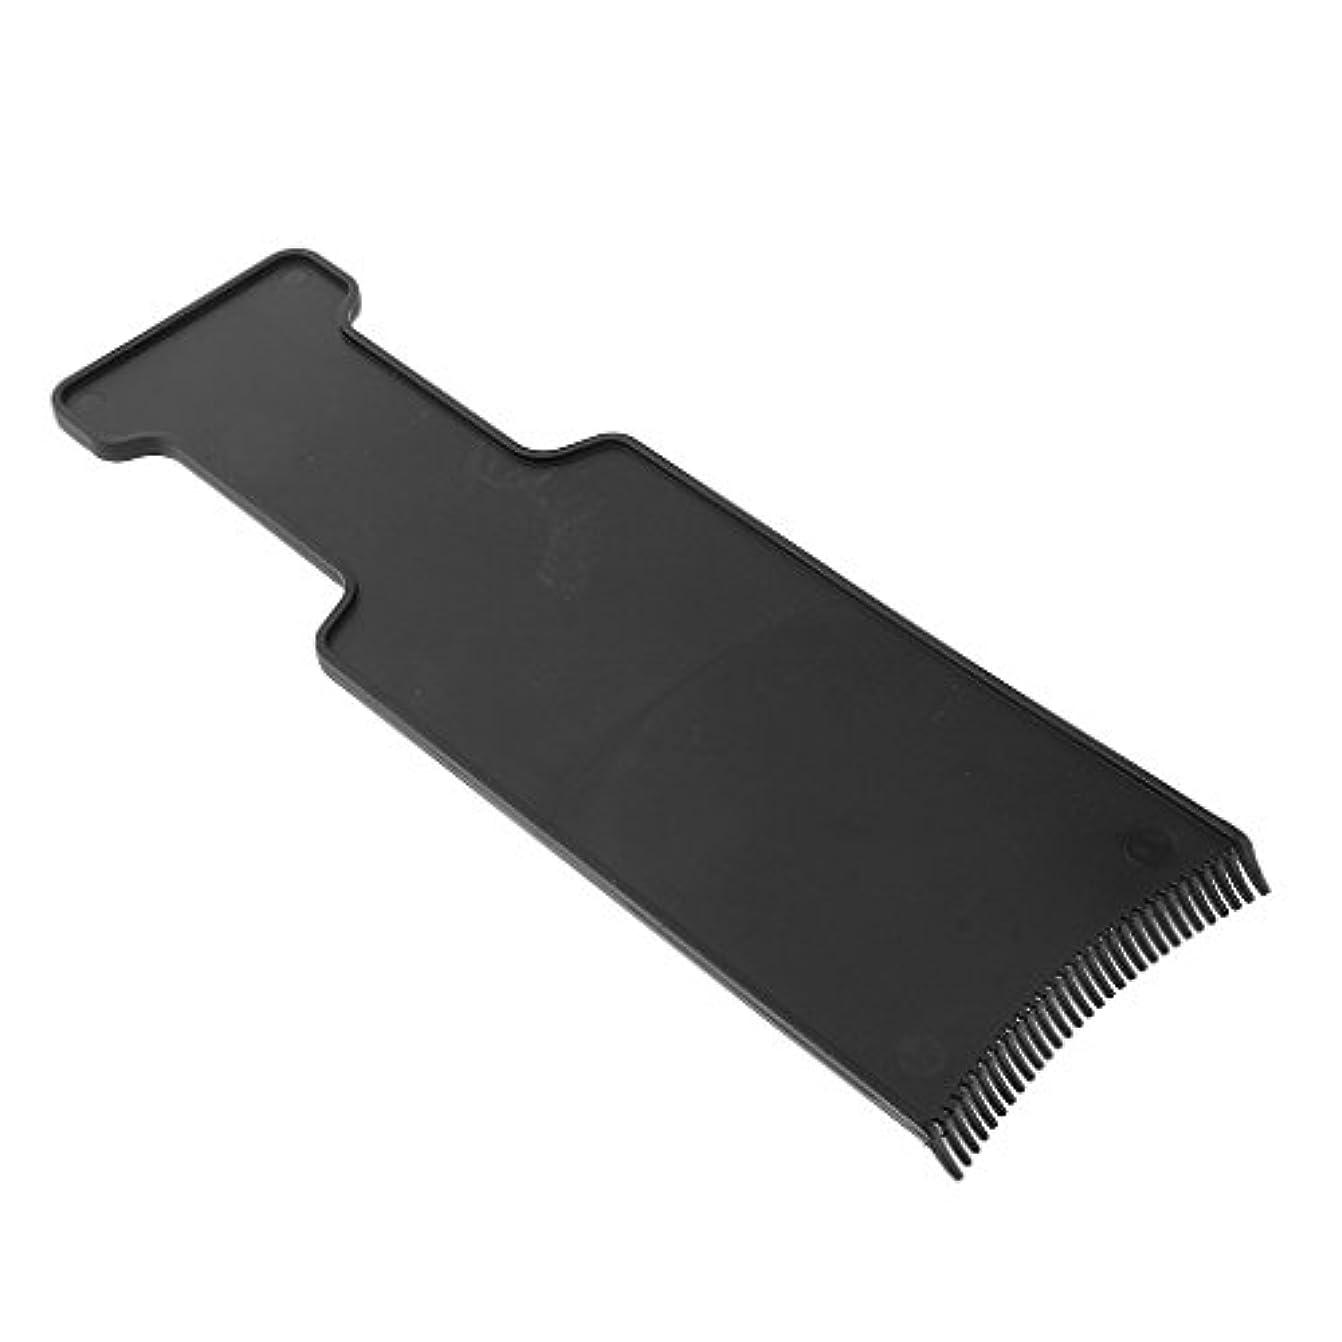 マリン寄り添うボランティアHomyl ヘアカラー ボード 染色 ツール ブラック 全4サイズ - M